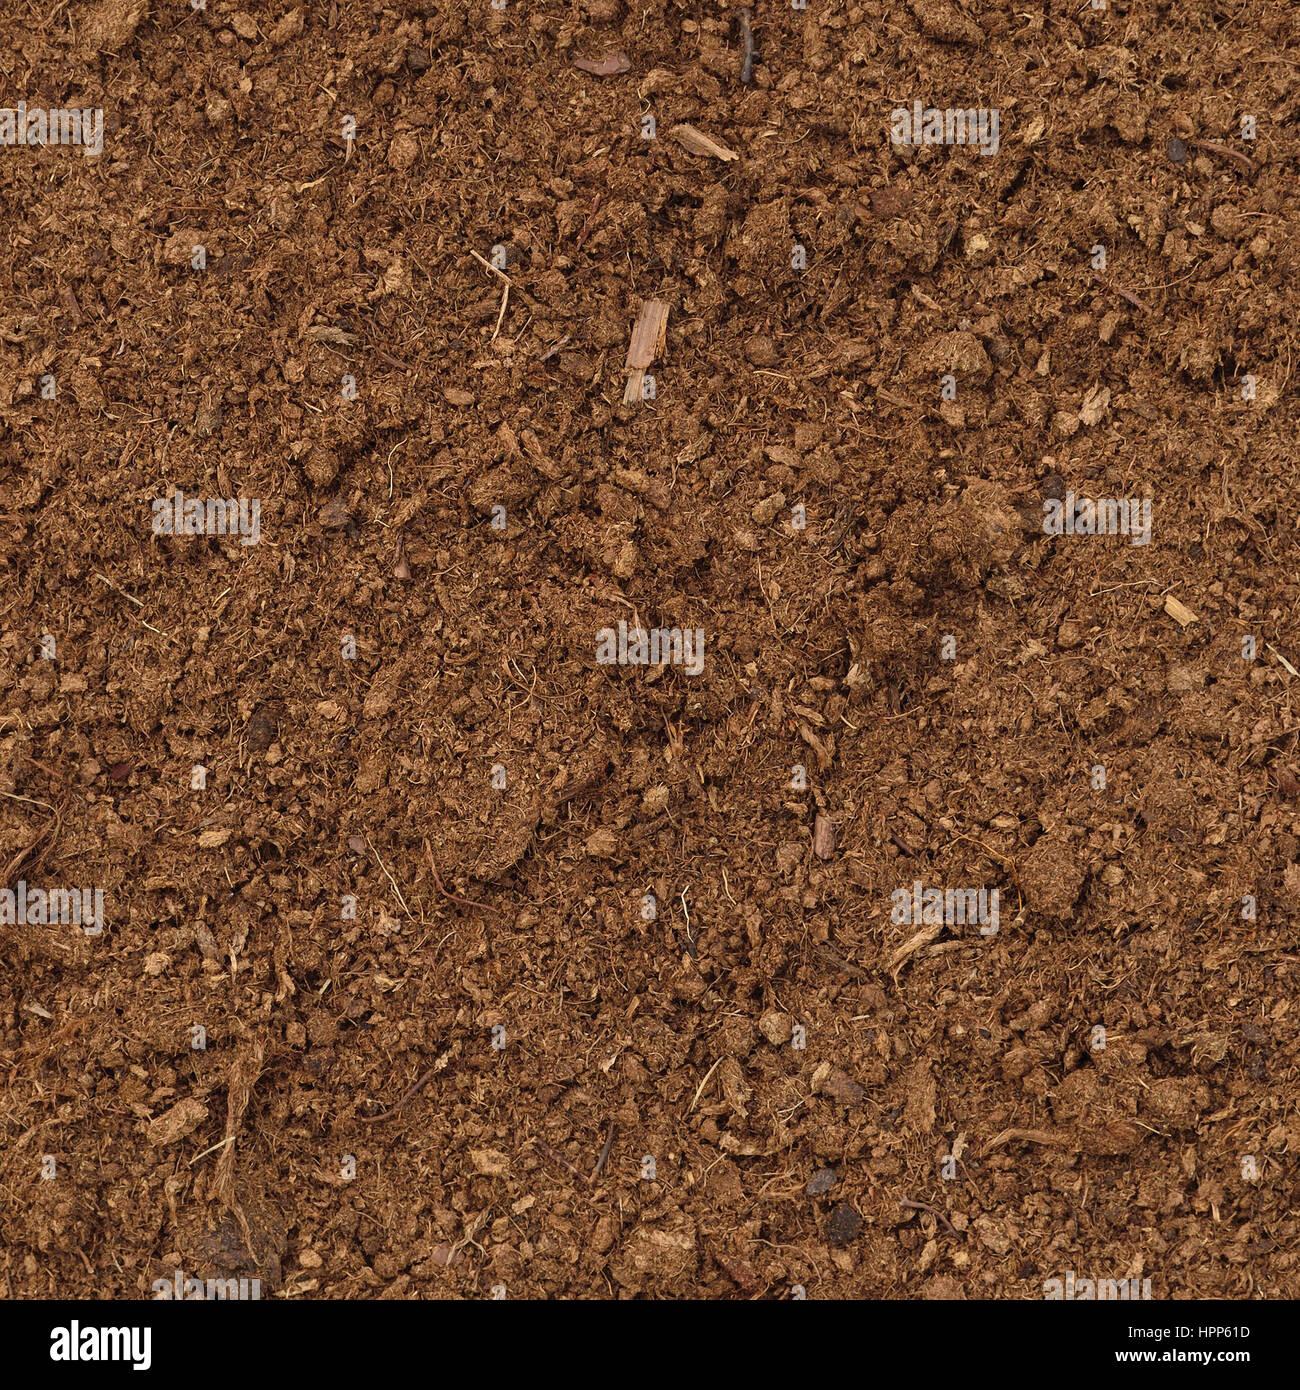 Peat Turf Macro Closeup, large detailed brown organic humus soil background pattern, vertical - Stock Image